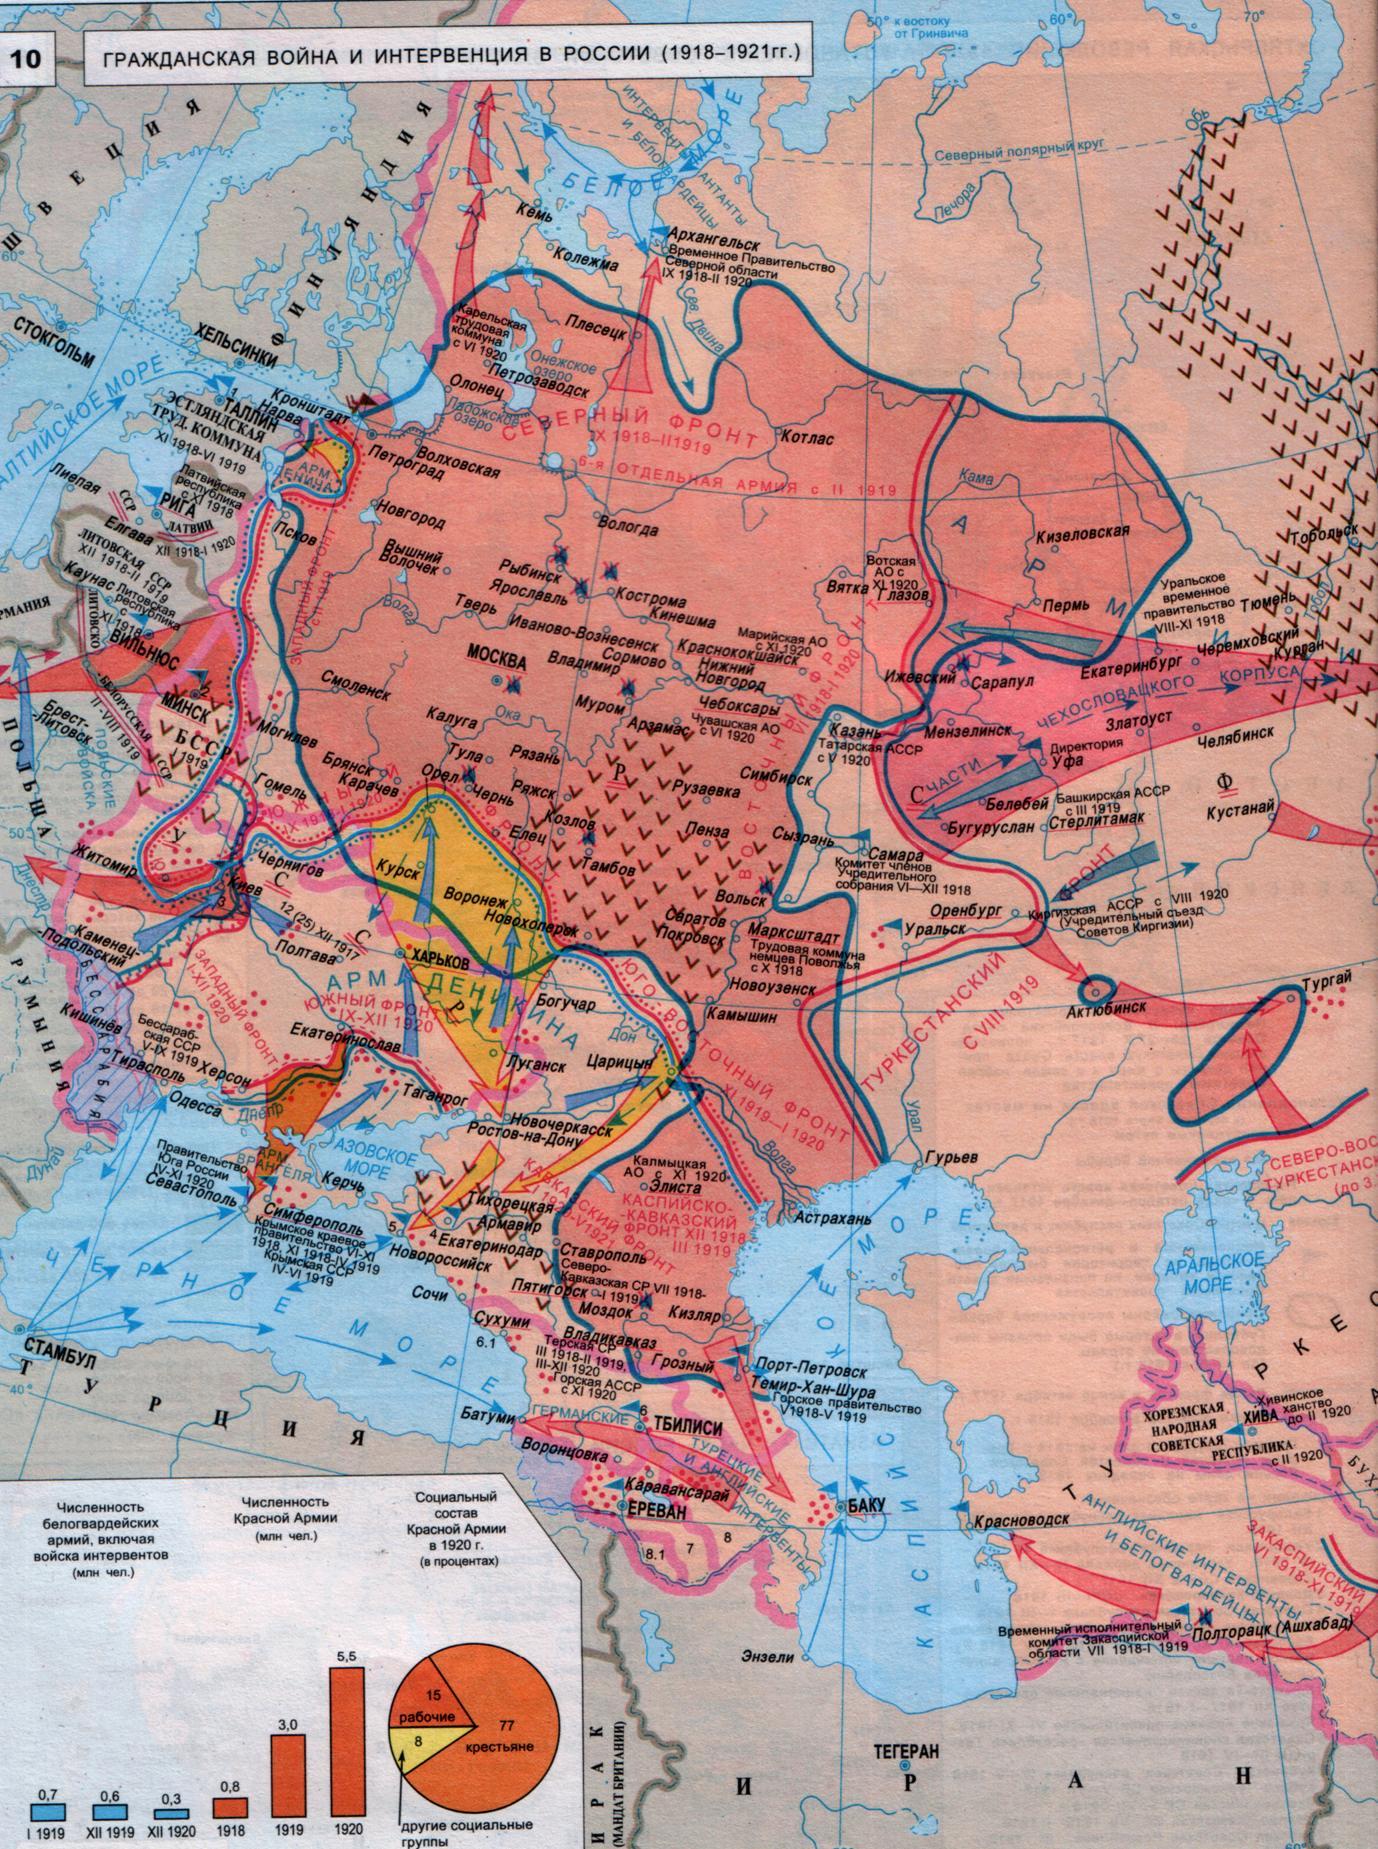 Карта Гражданской войны в Европейской части России